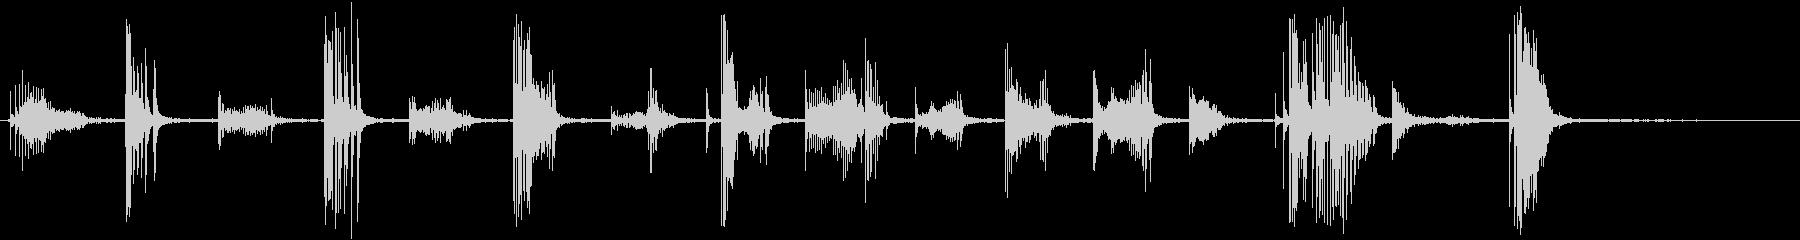 アコースティックギター:クイックラ...の未再生の波形